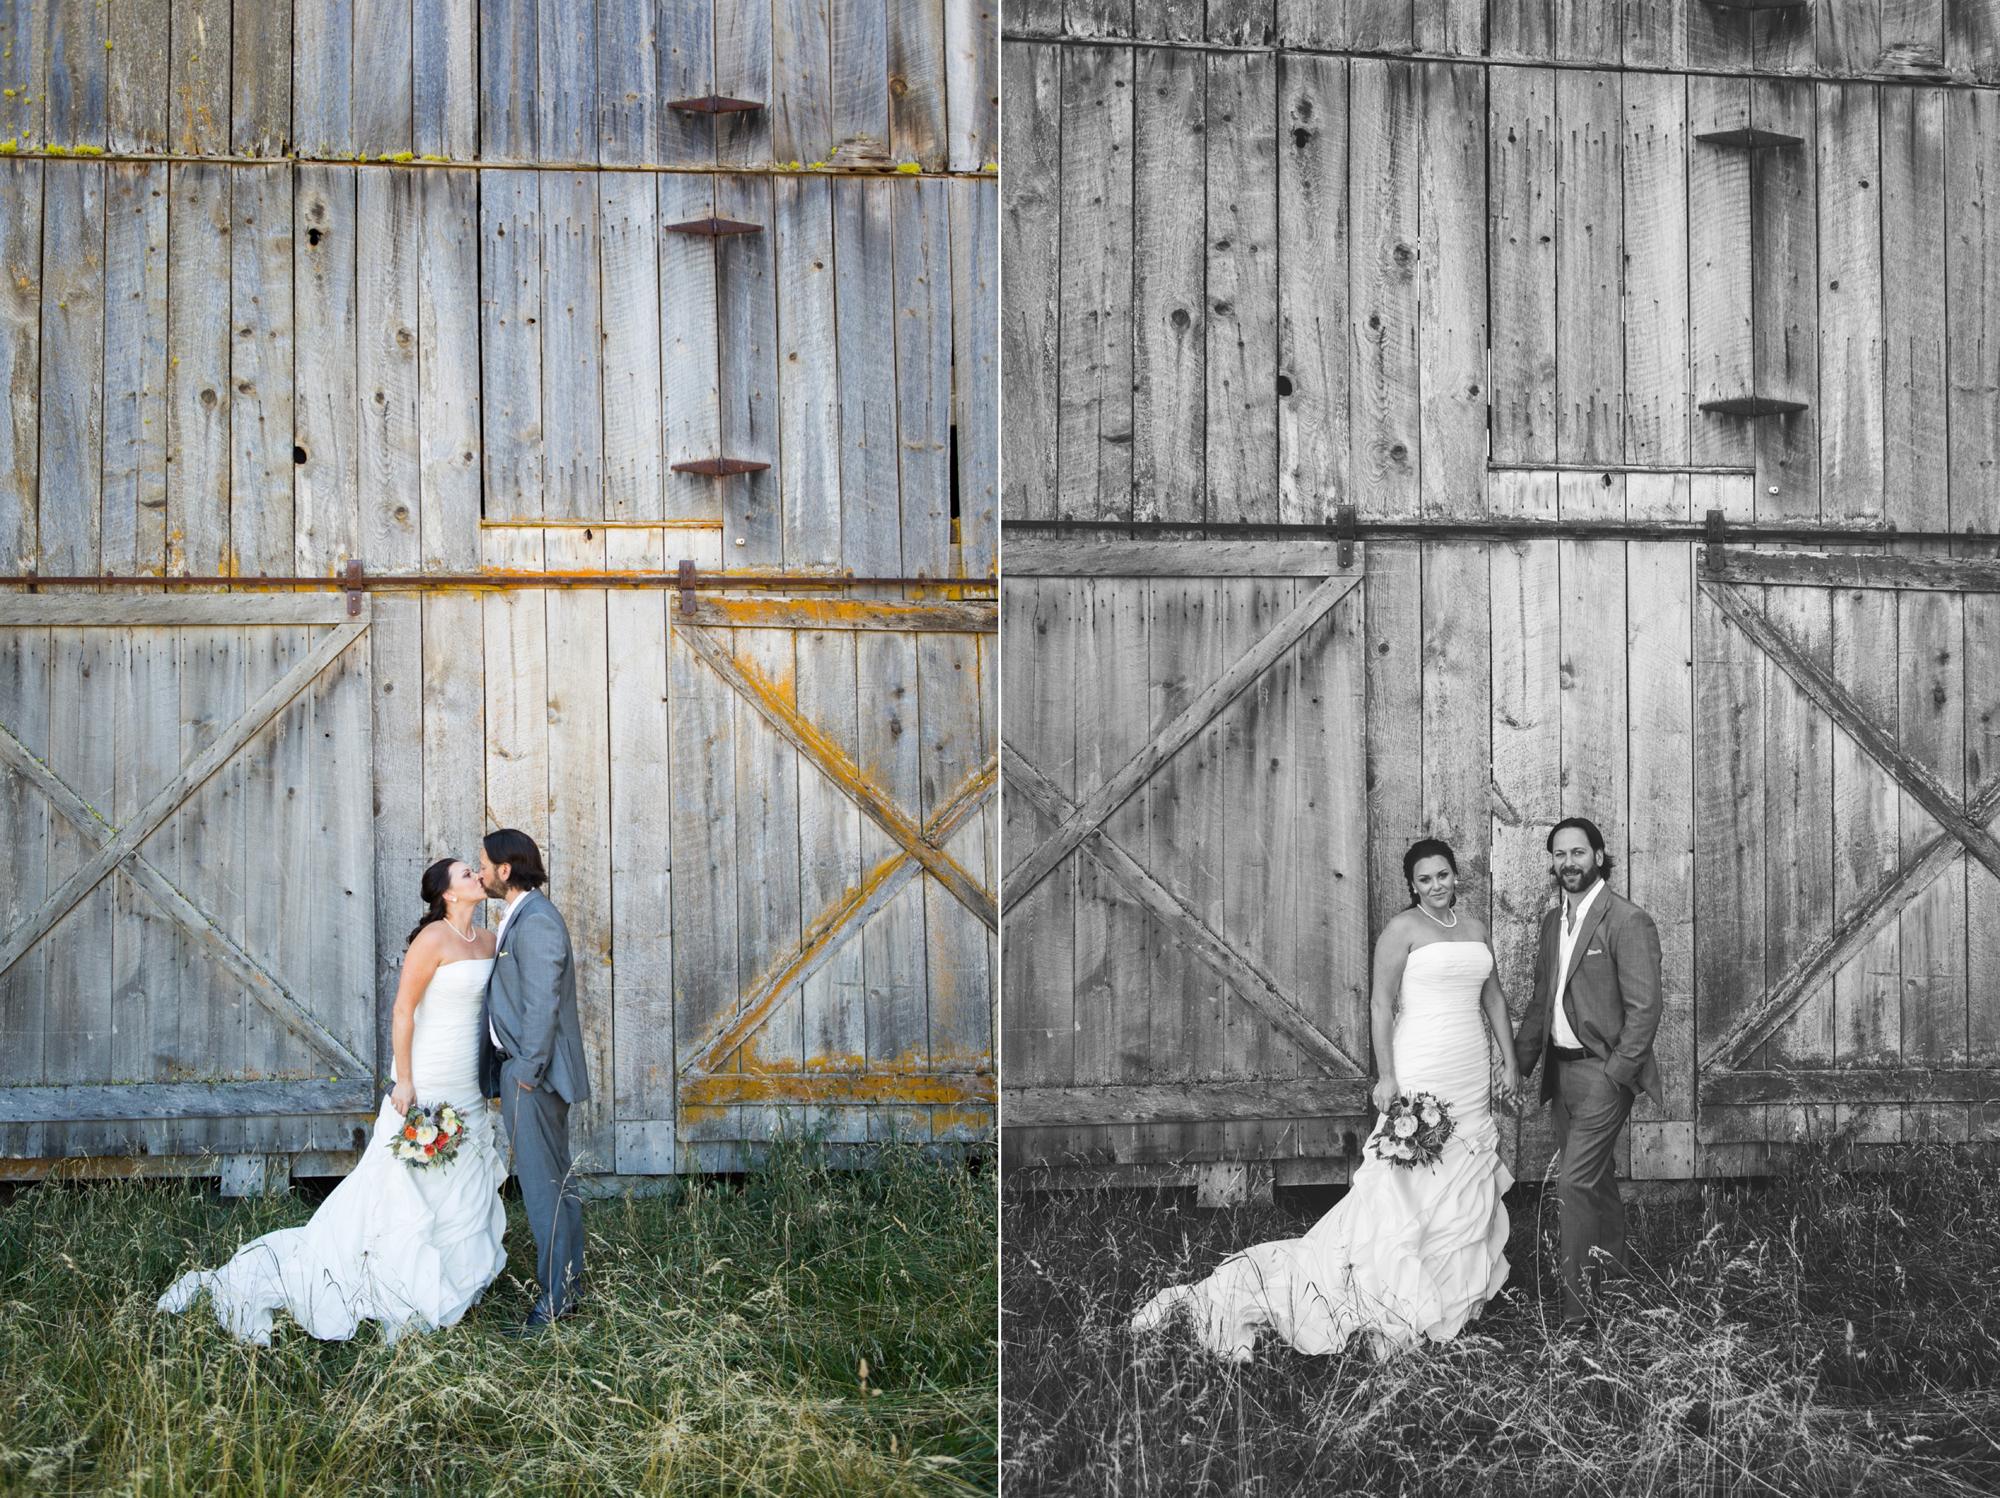 ashley vos photography seattle tacoma area wedding photographer_0809.jpg